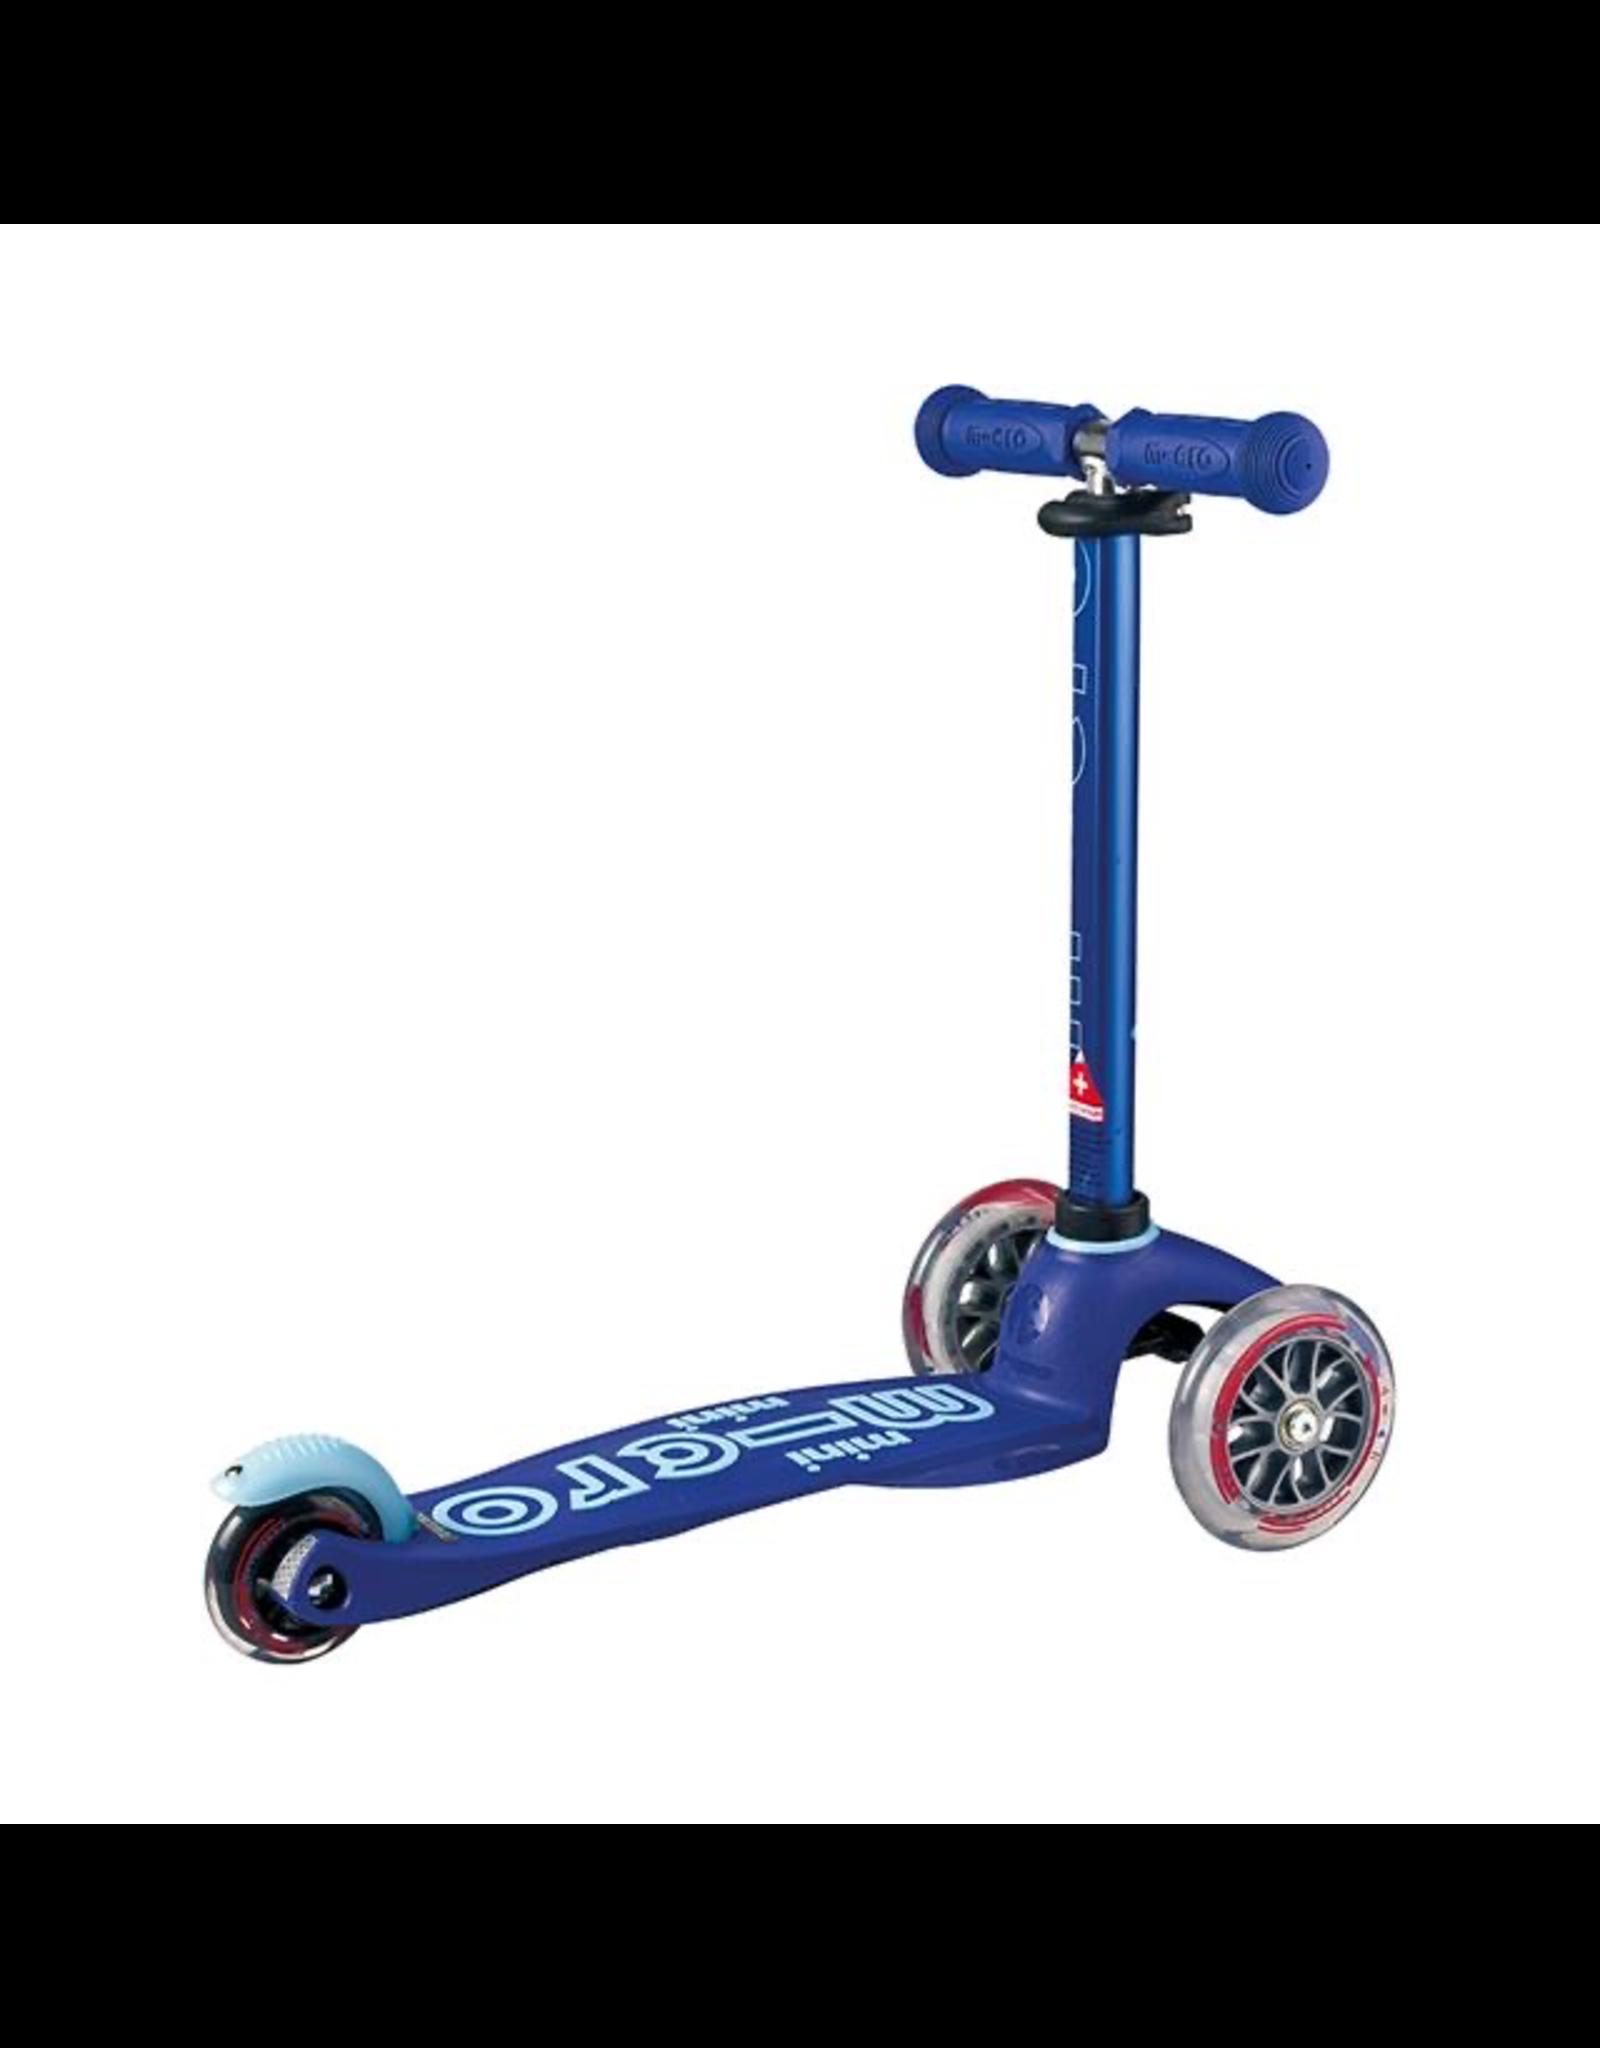 Kickboard MINI MICRO DELUXE - BLUE